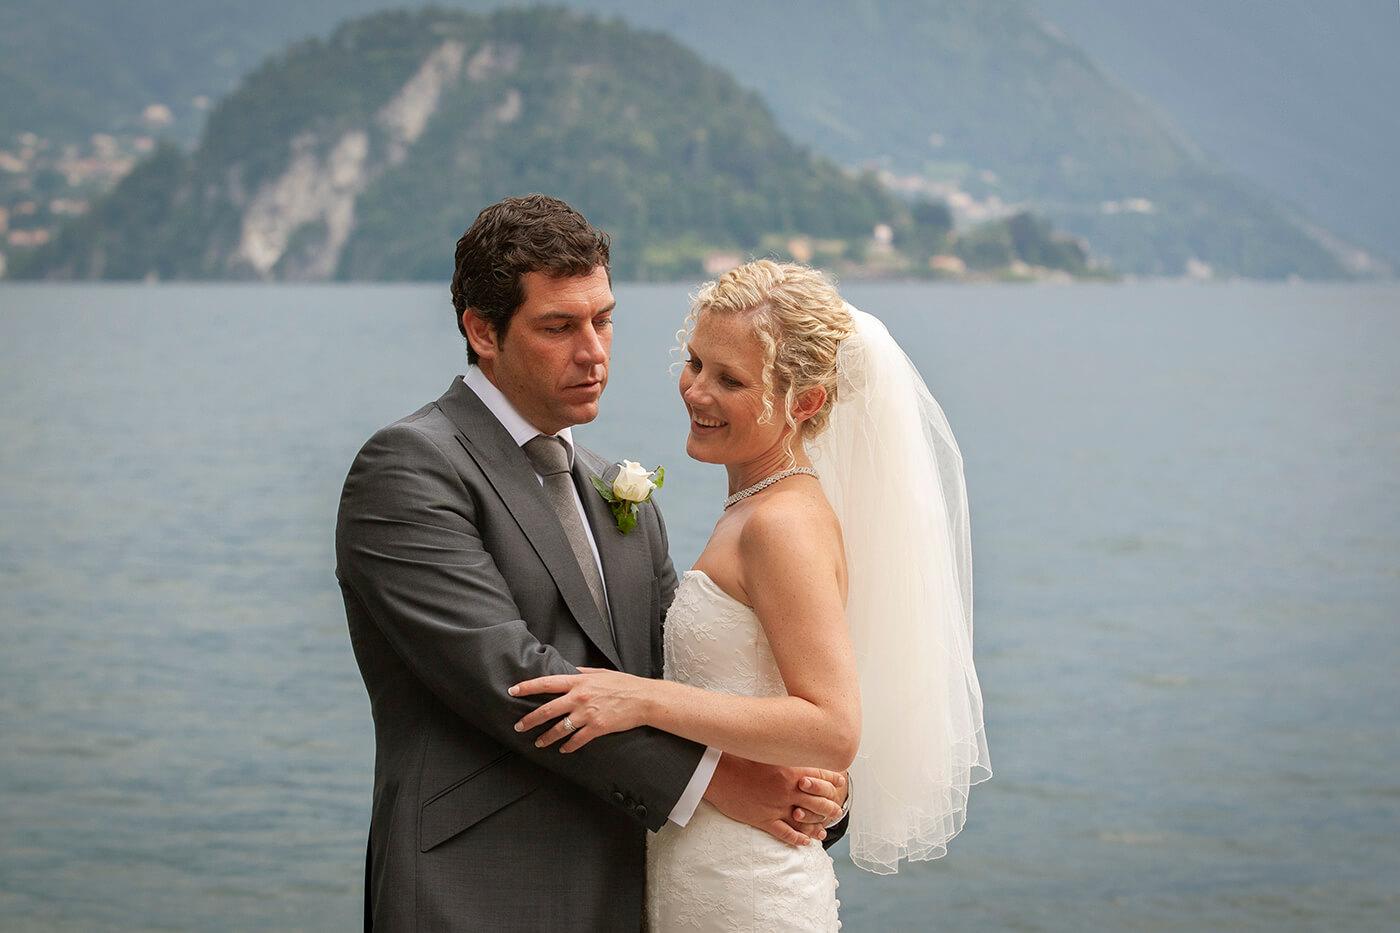 Destination Photographer in Tuscany And Lake Garda - Duccio Argentini